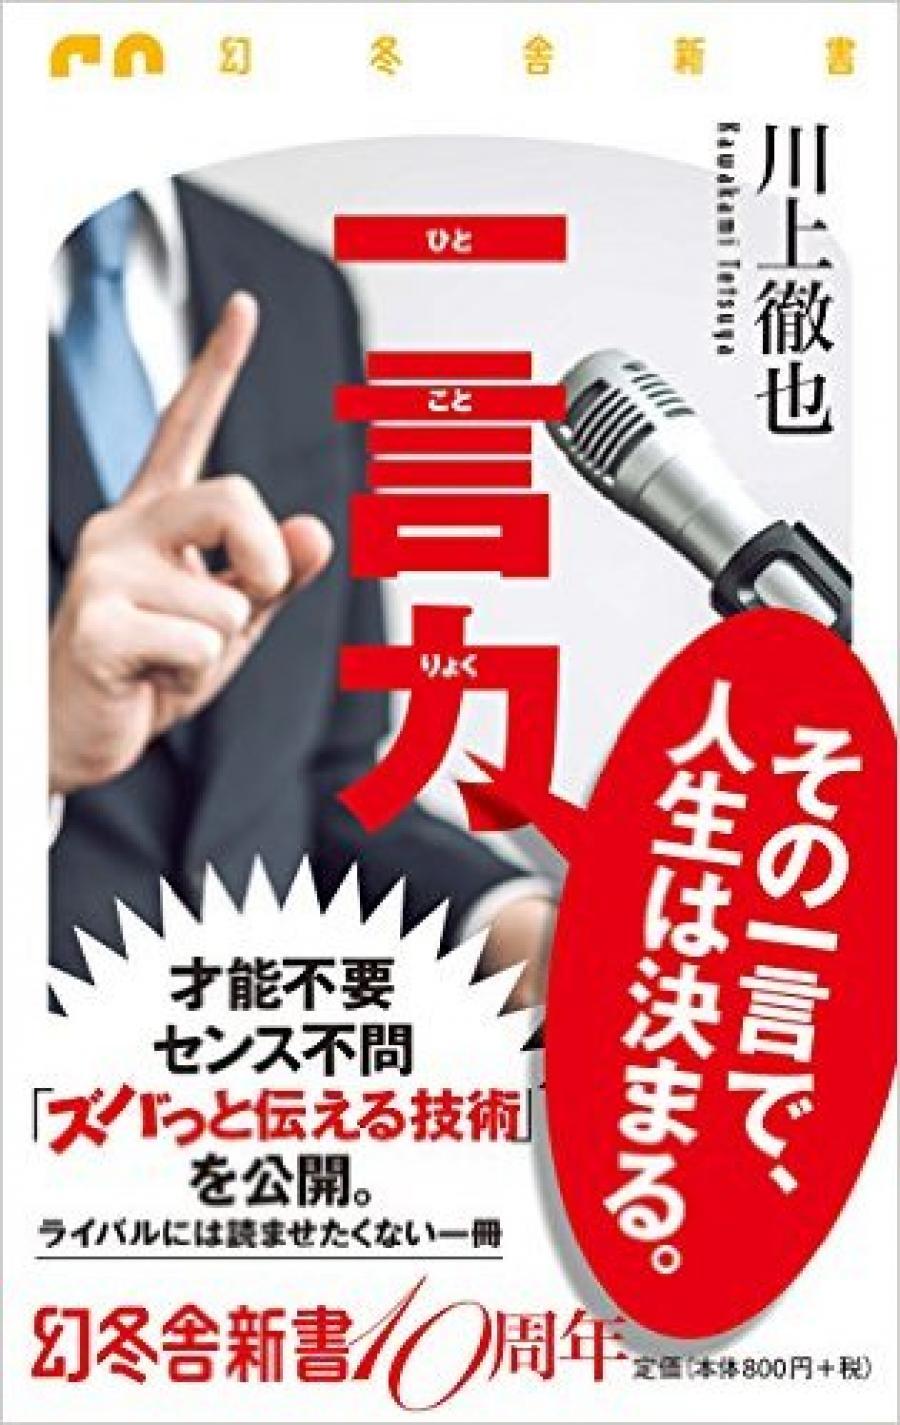 『一言で殺す文句』川上徹也氏2タイトル出版記念講演会